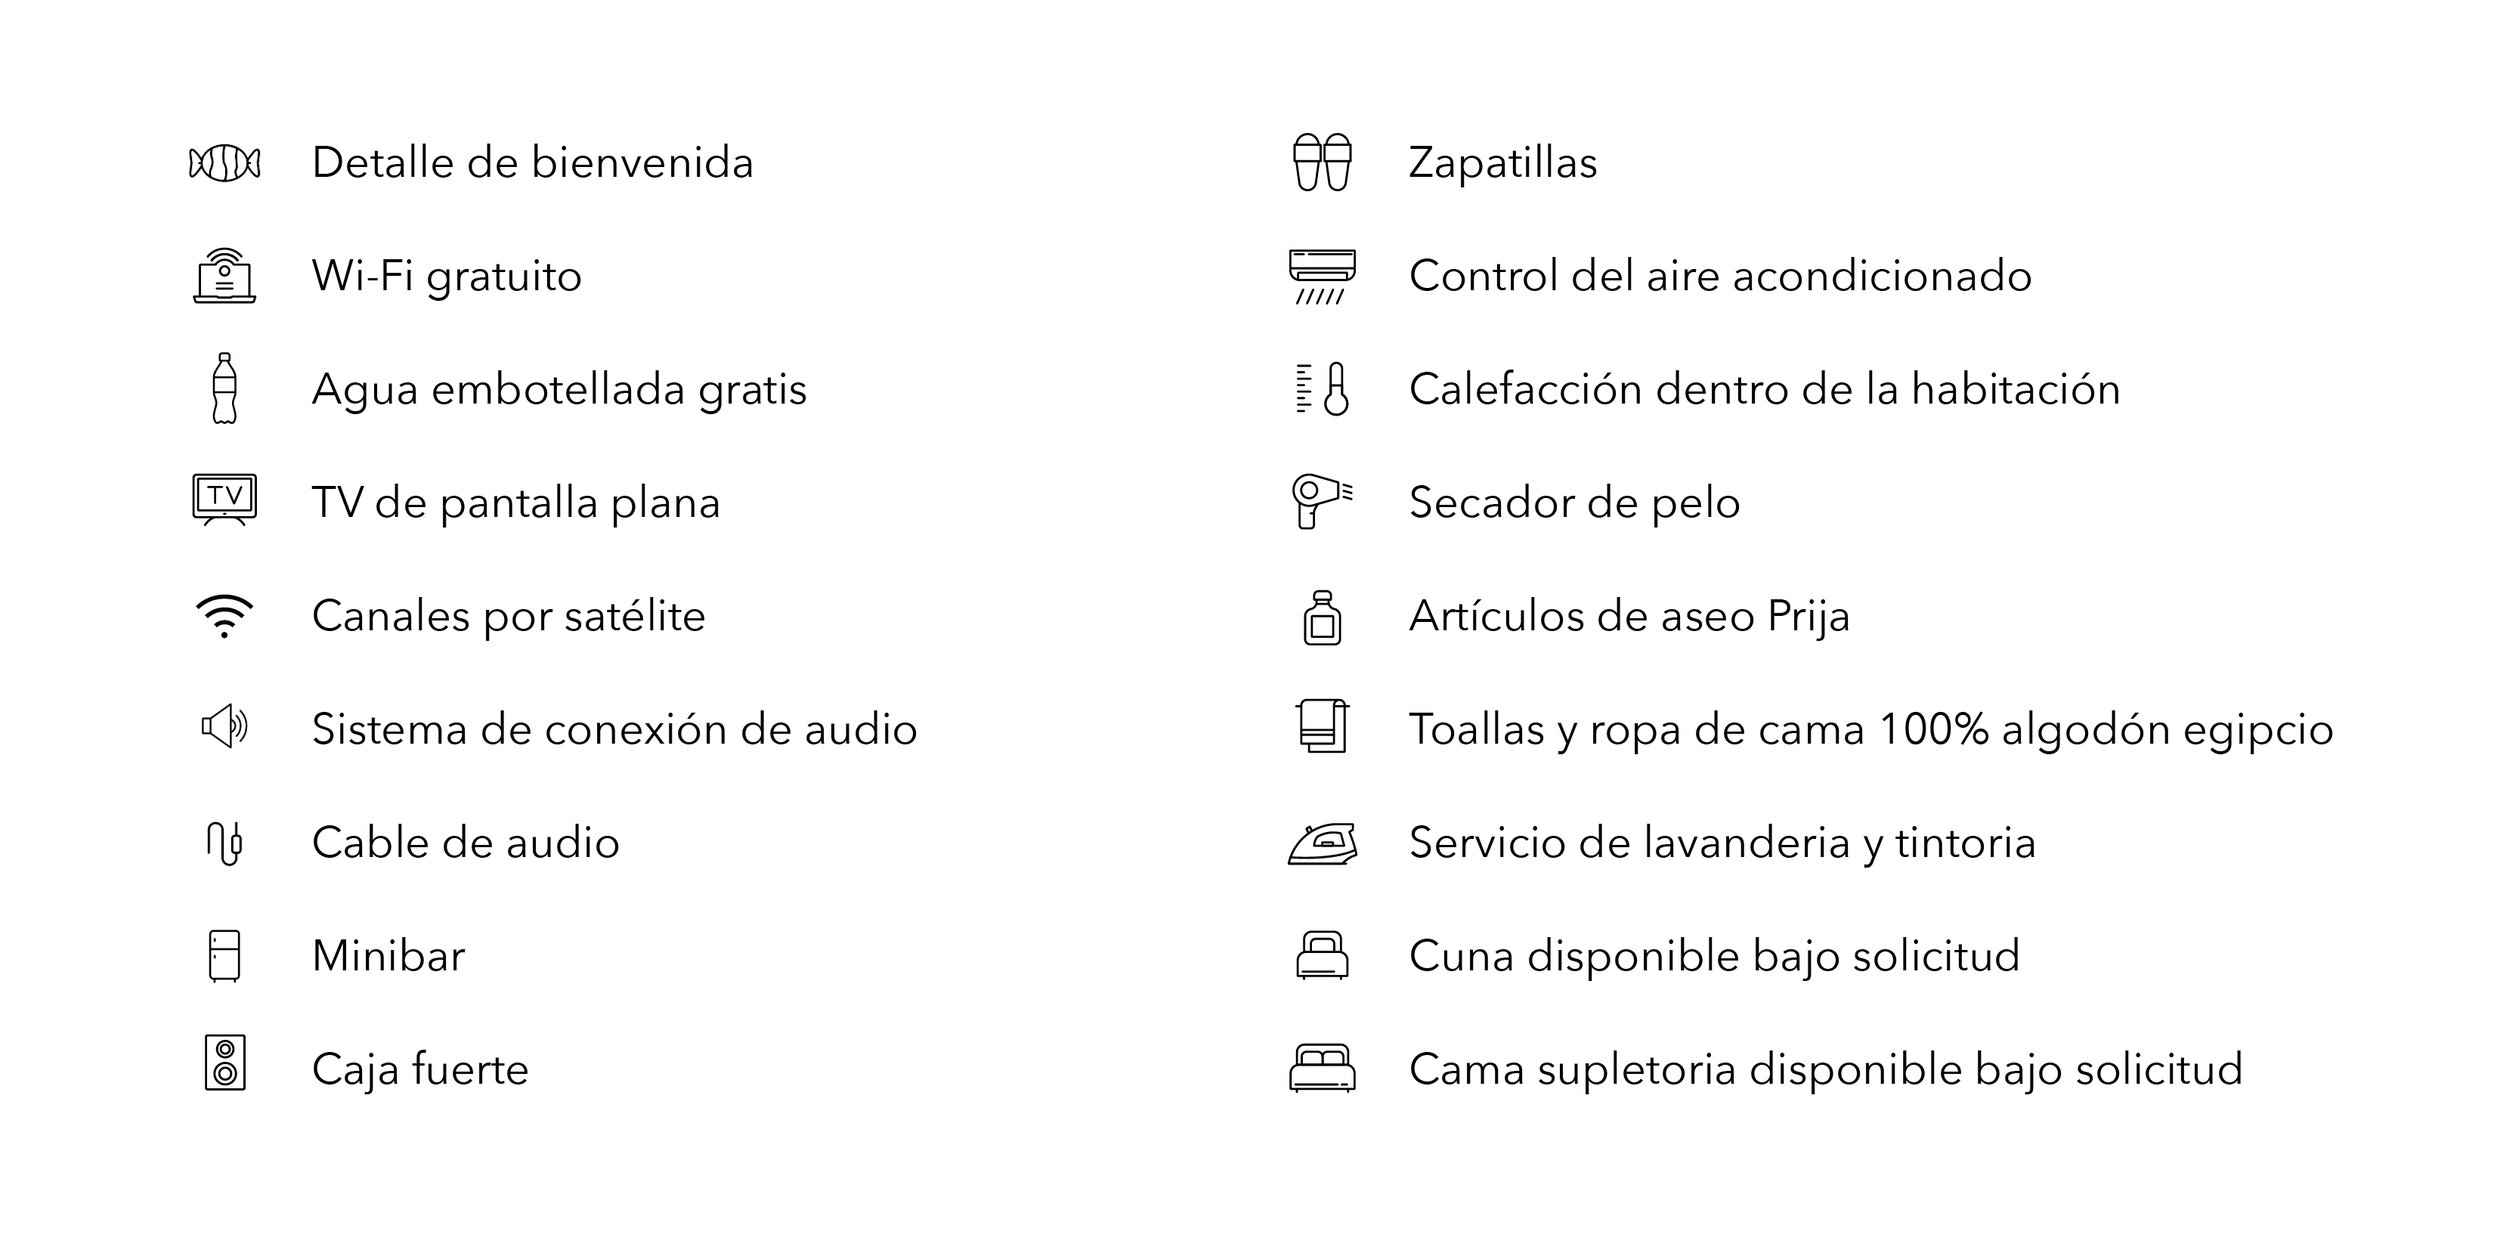 servicioshabitacion.jpg